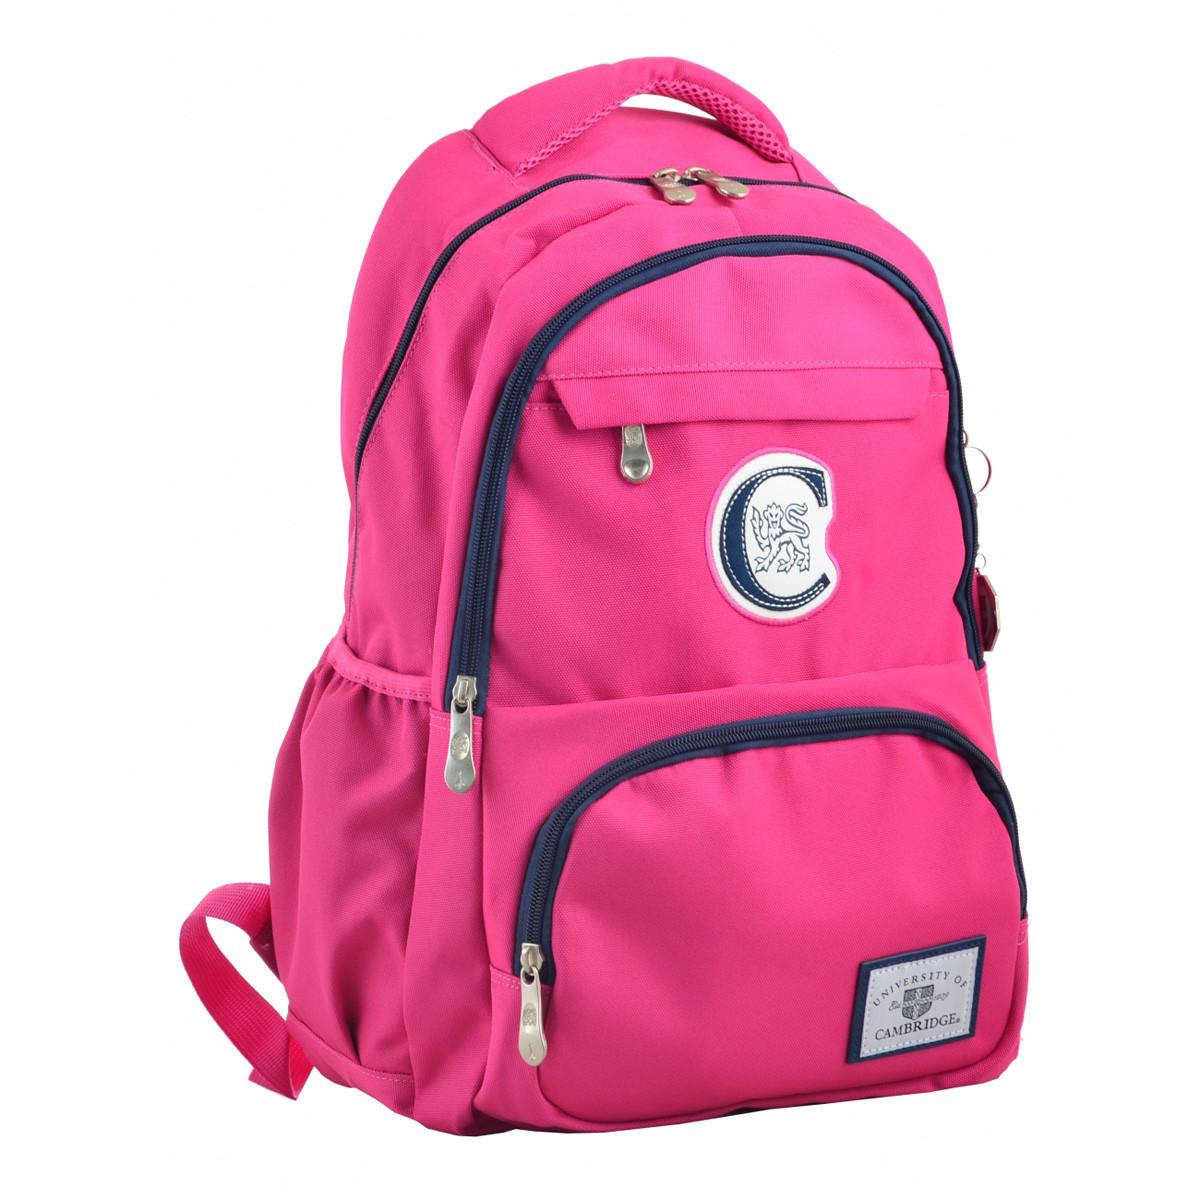 Рюкзак молодежный YES CA 151, 48х30х15, розовый 555752